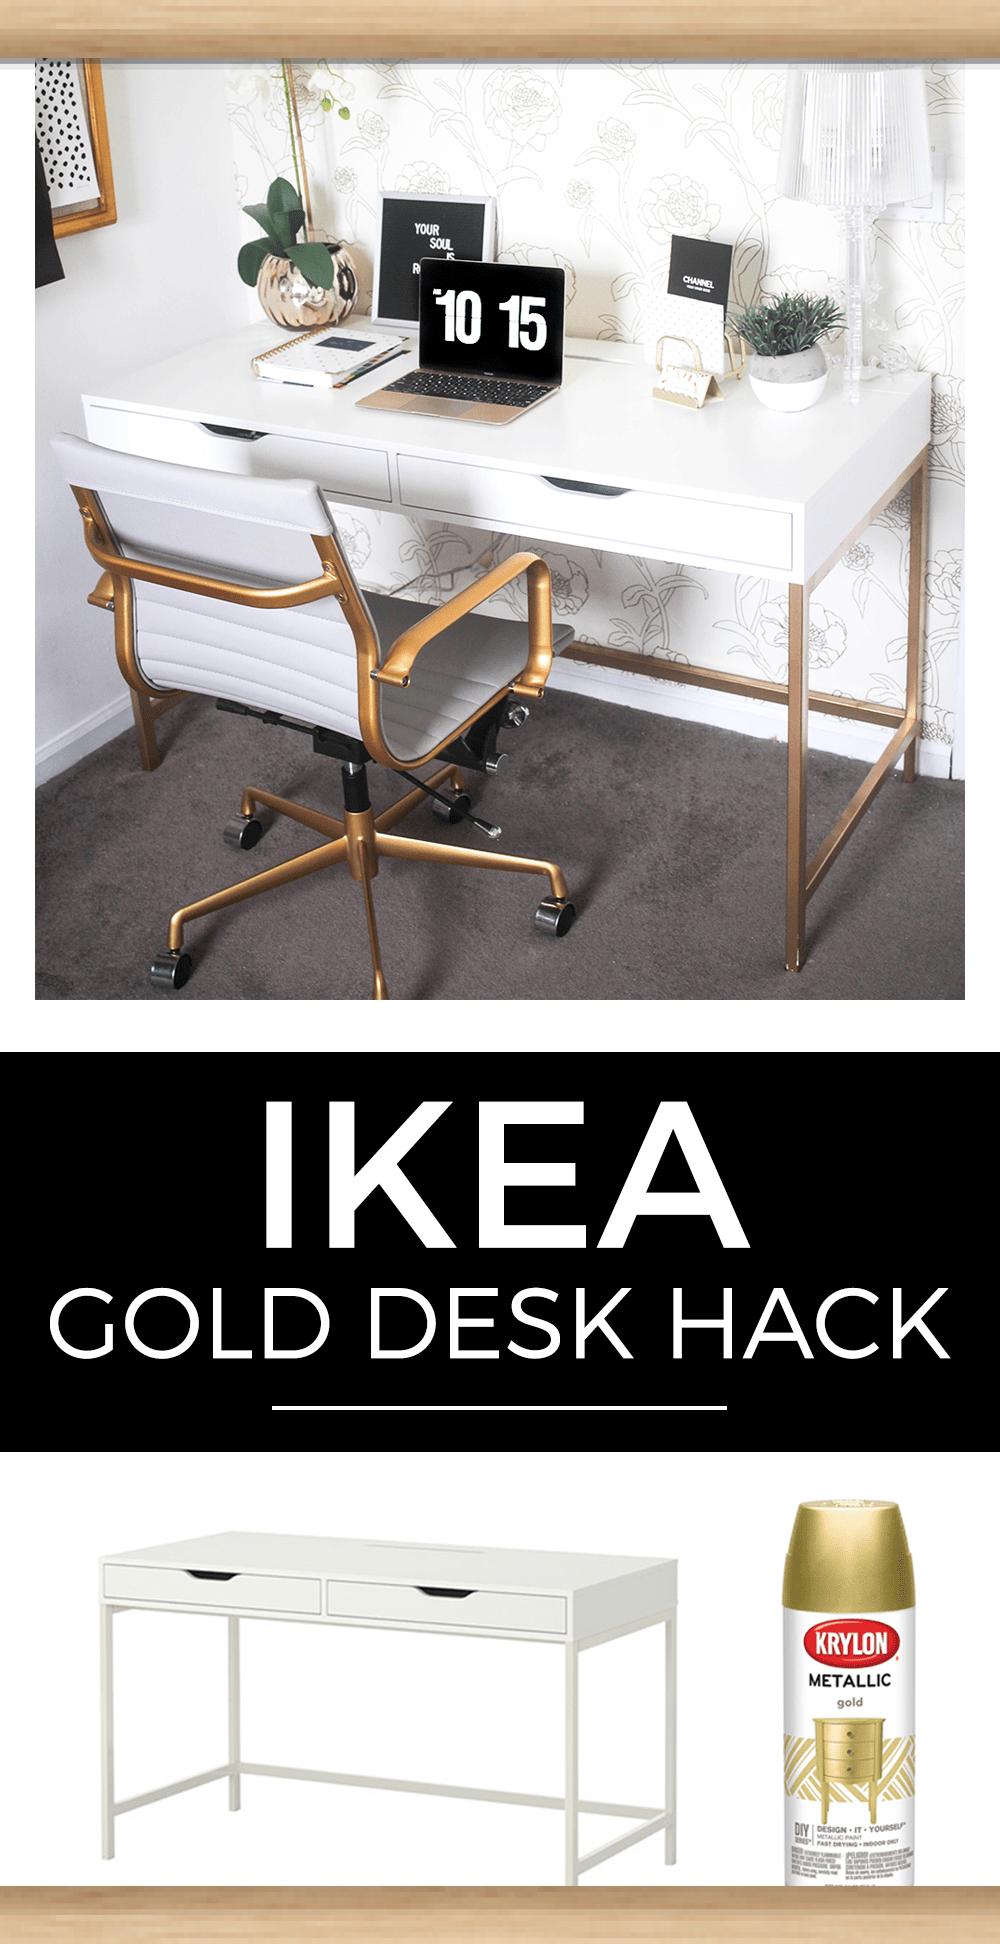 Schreibtisch In Weiss Und Gold Ikea Hack Gold Hack Ikea Schreibtisch Und Ikea Furniture Hacks Desk Hacks Furniture Hacks